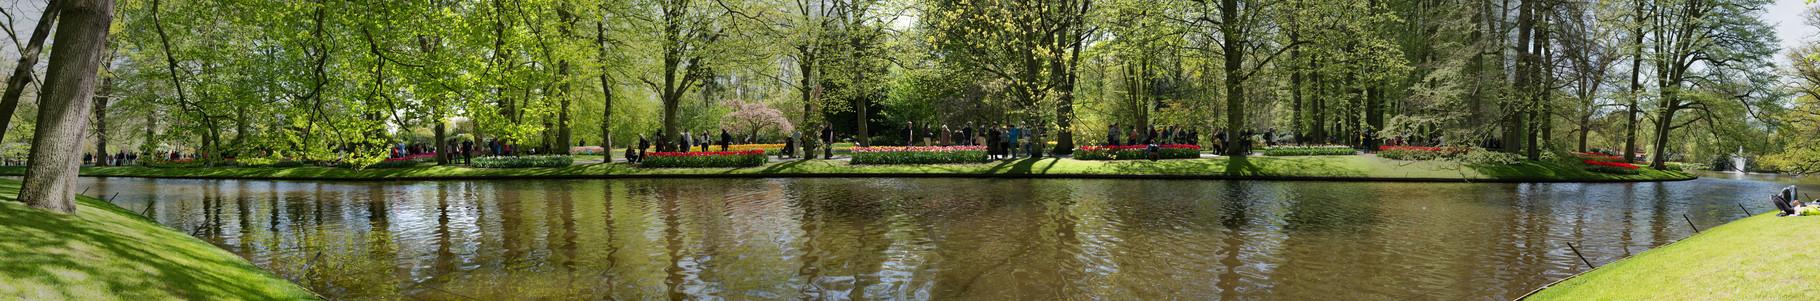 Vue du parc Keukenhof, Amsterdam. 120°, 7 photographies.